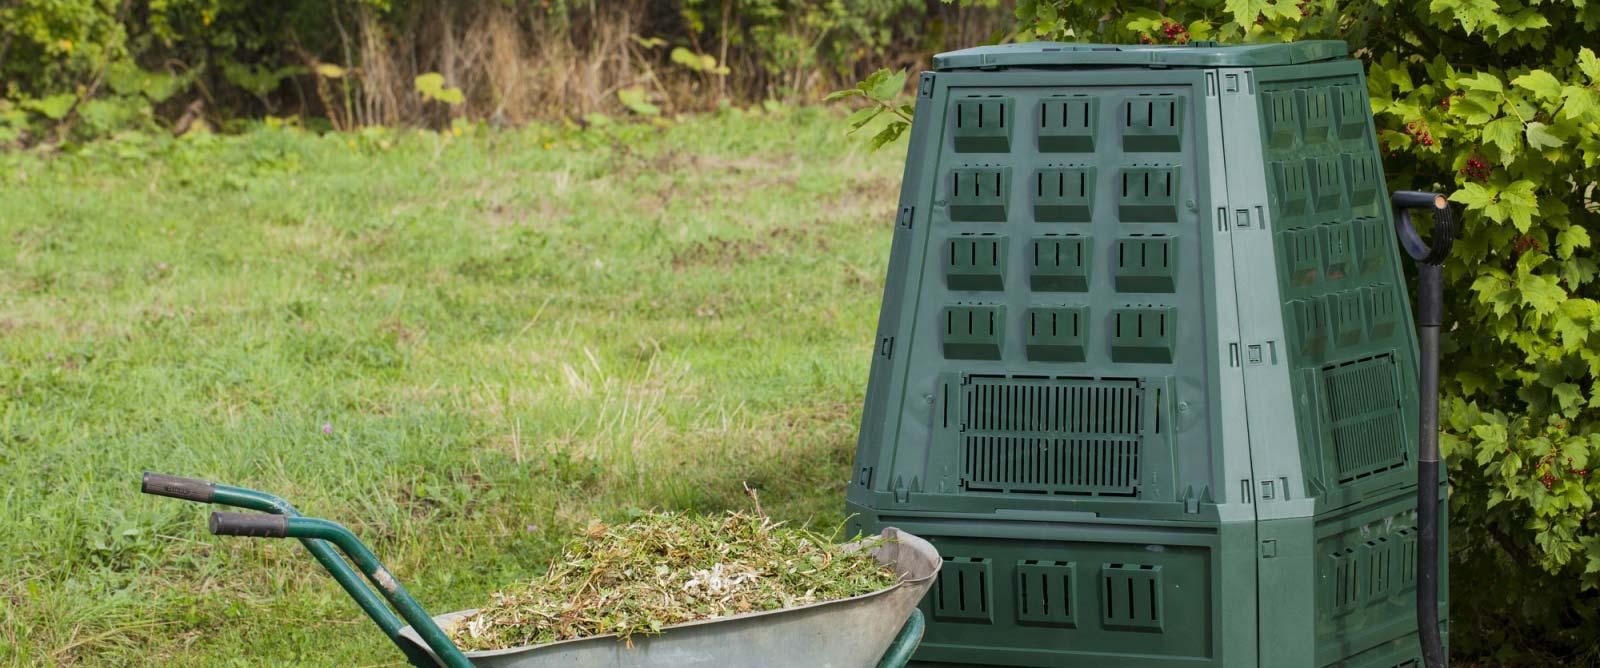 Composteur en plastique dans un jardin